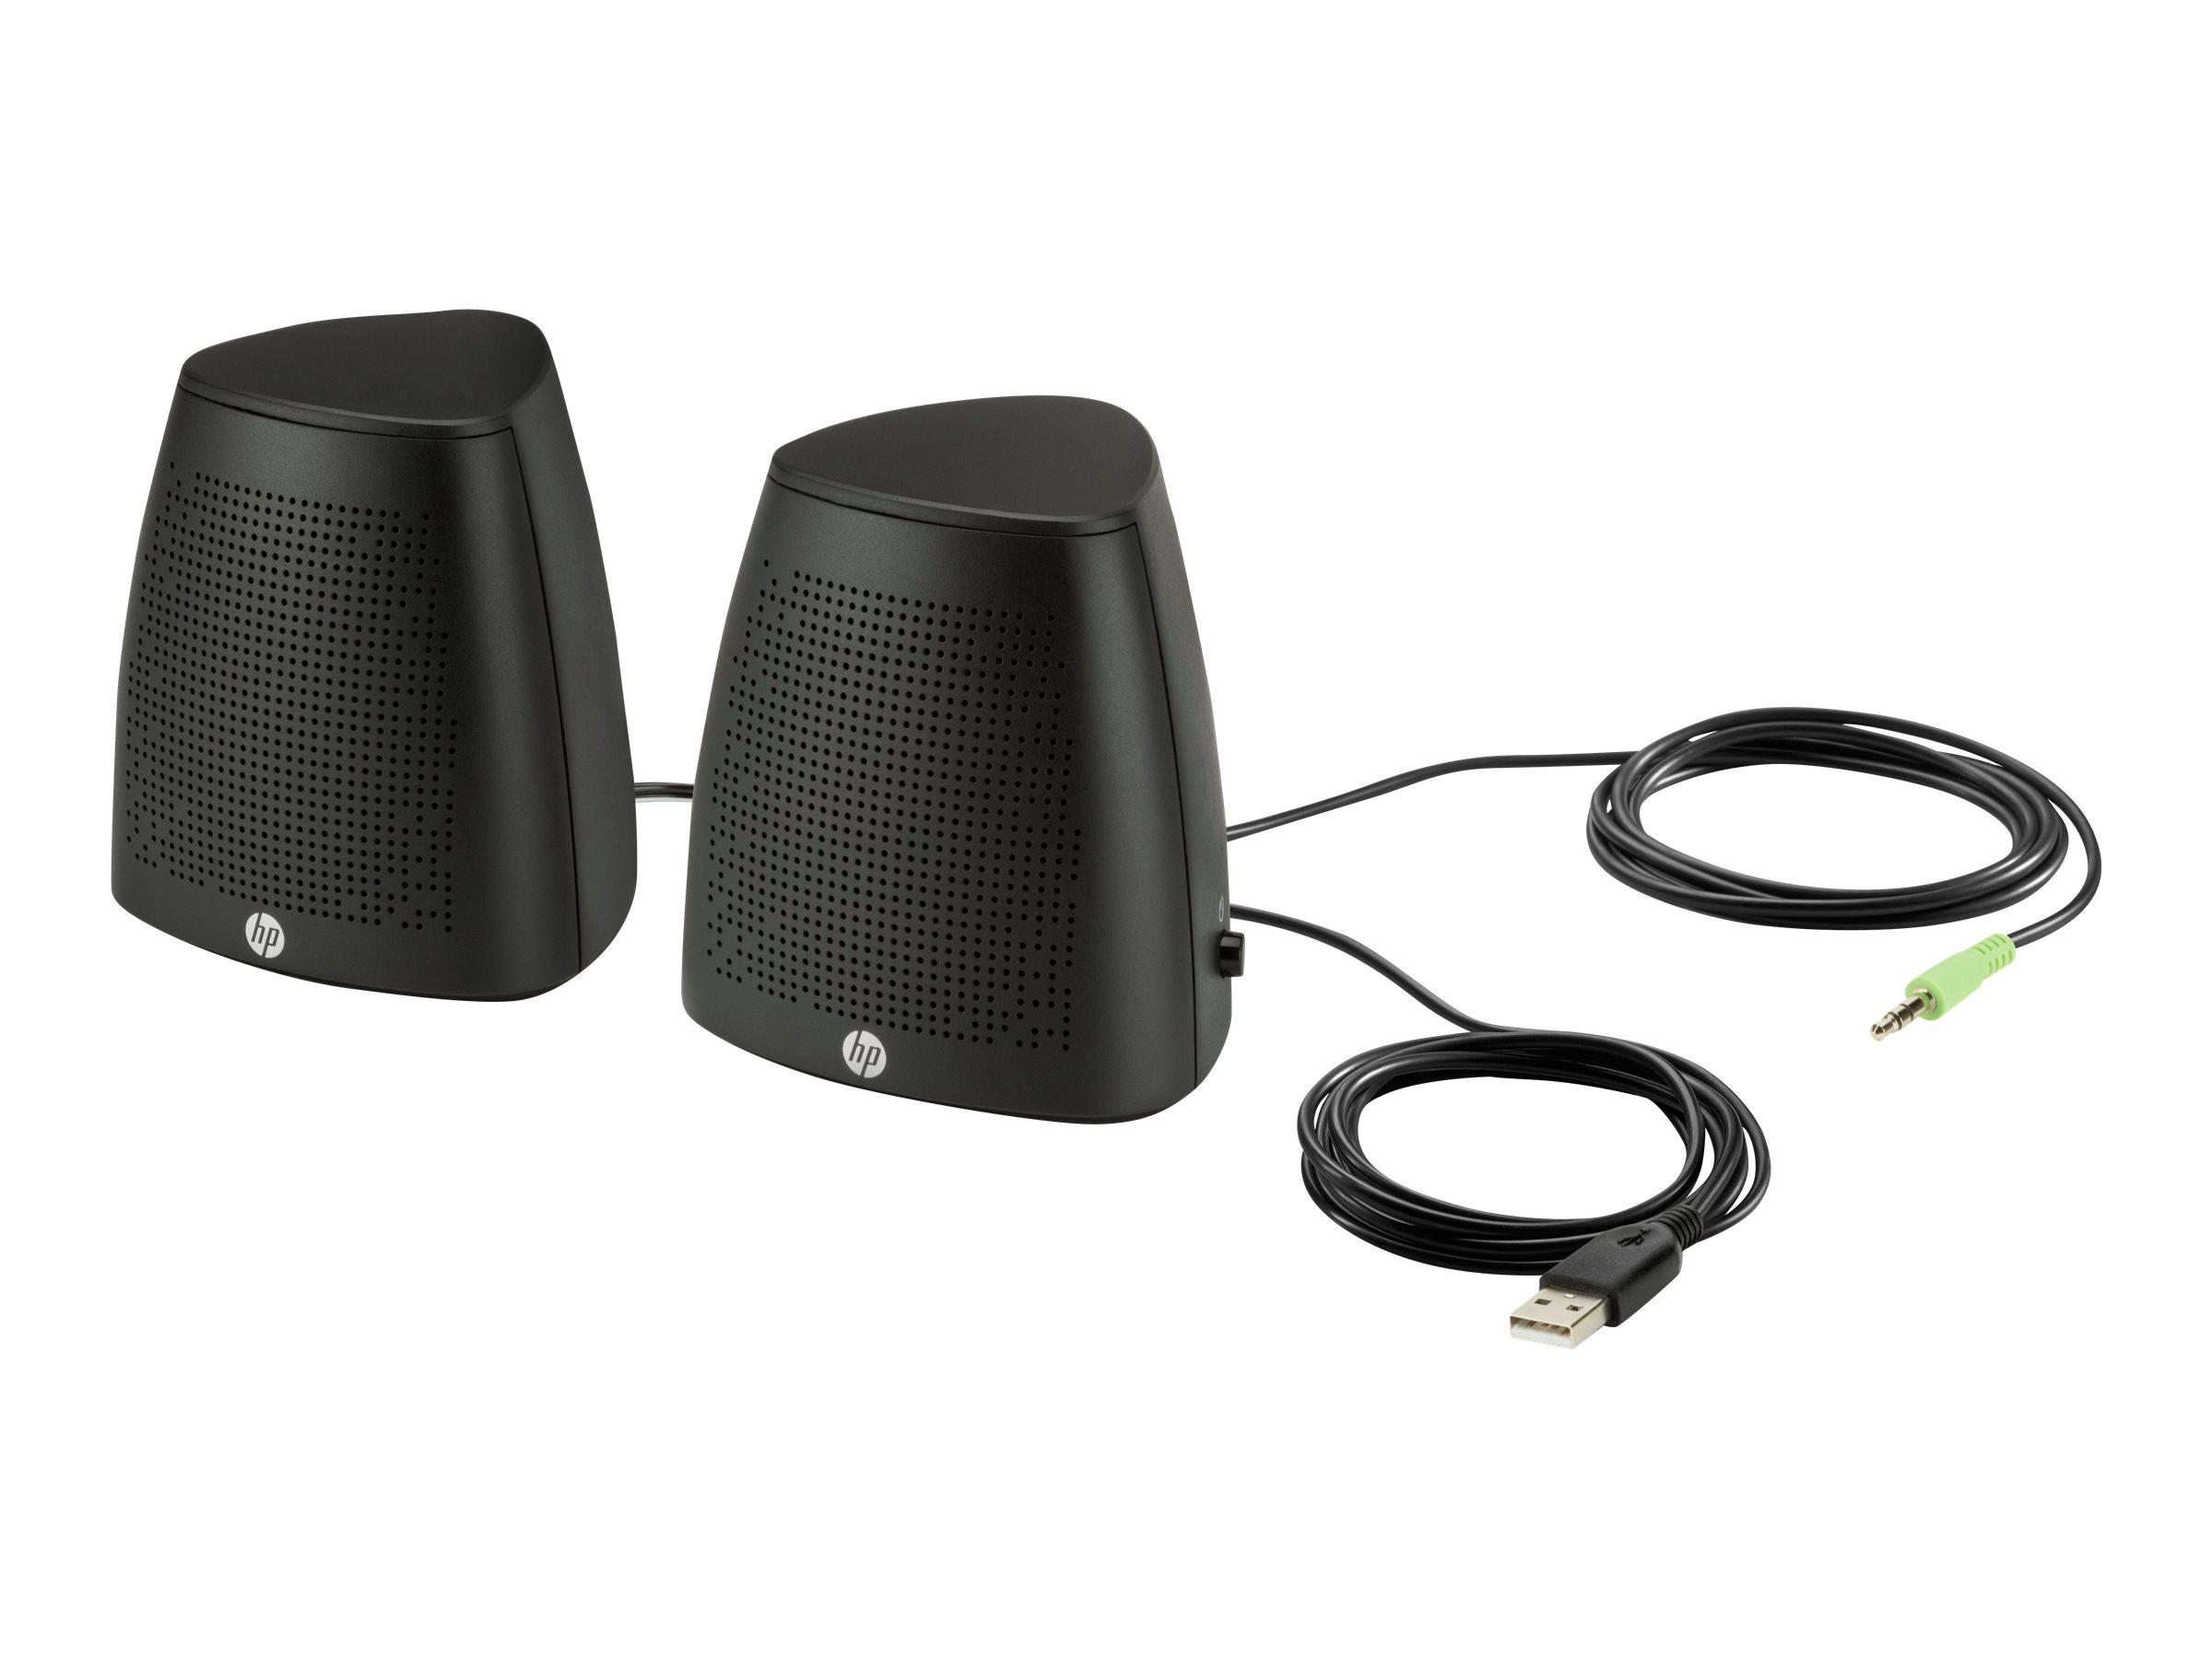 HP S3100 - Lautsprecher - für PC - 2.4 Watt (Gesamt) - Schwarz - für OMEN by HP 17; OMEN X by HP 15, 17; HP 17; Pavilion 17